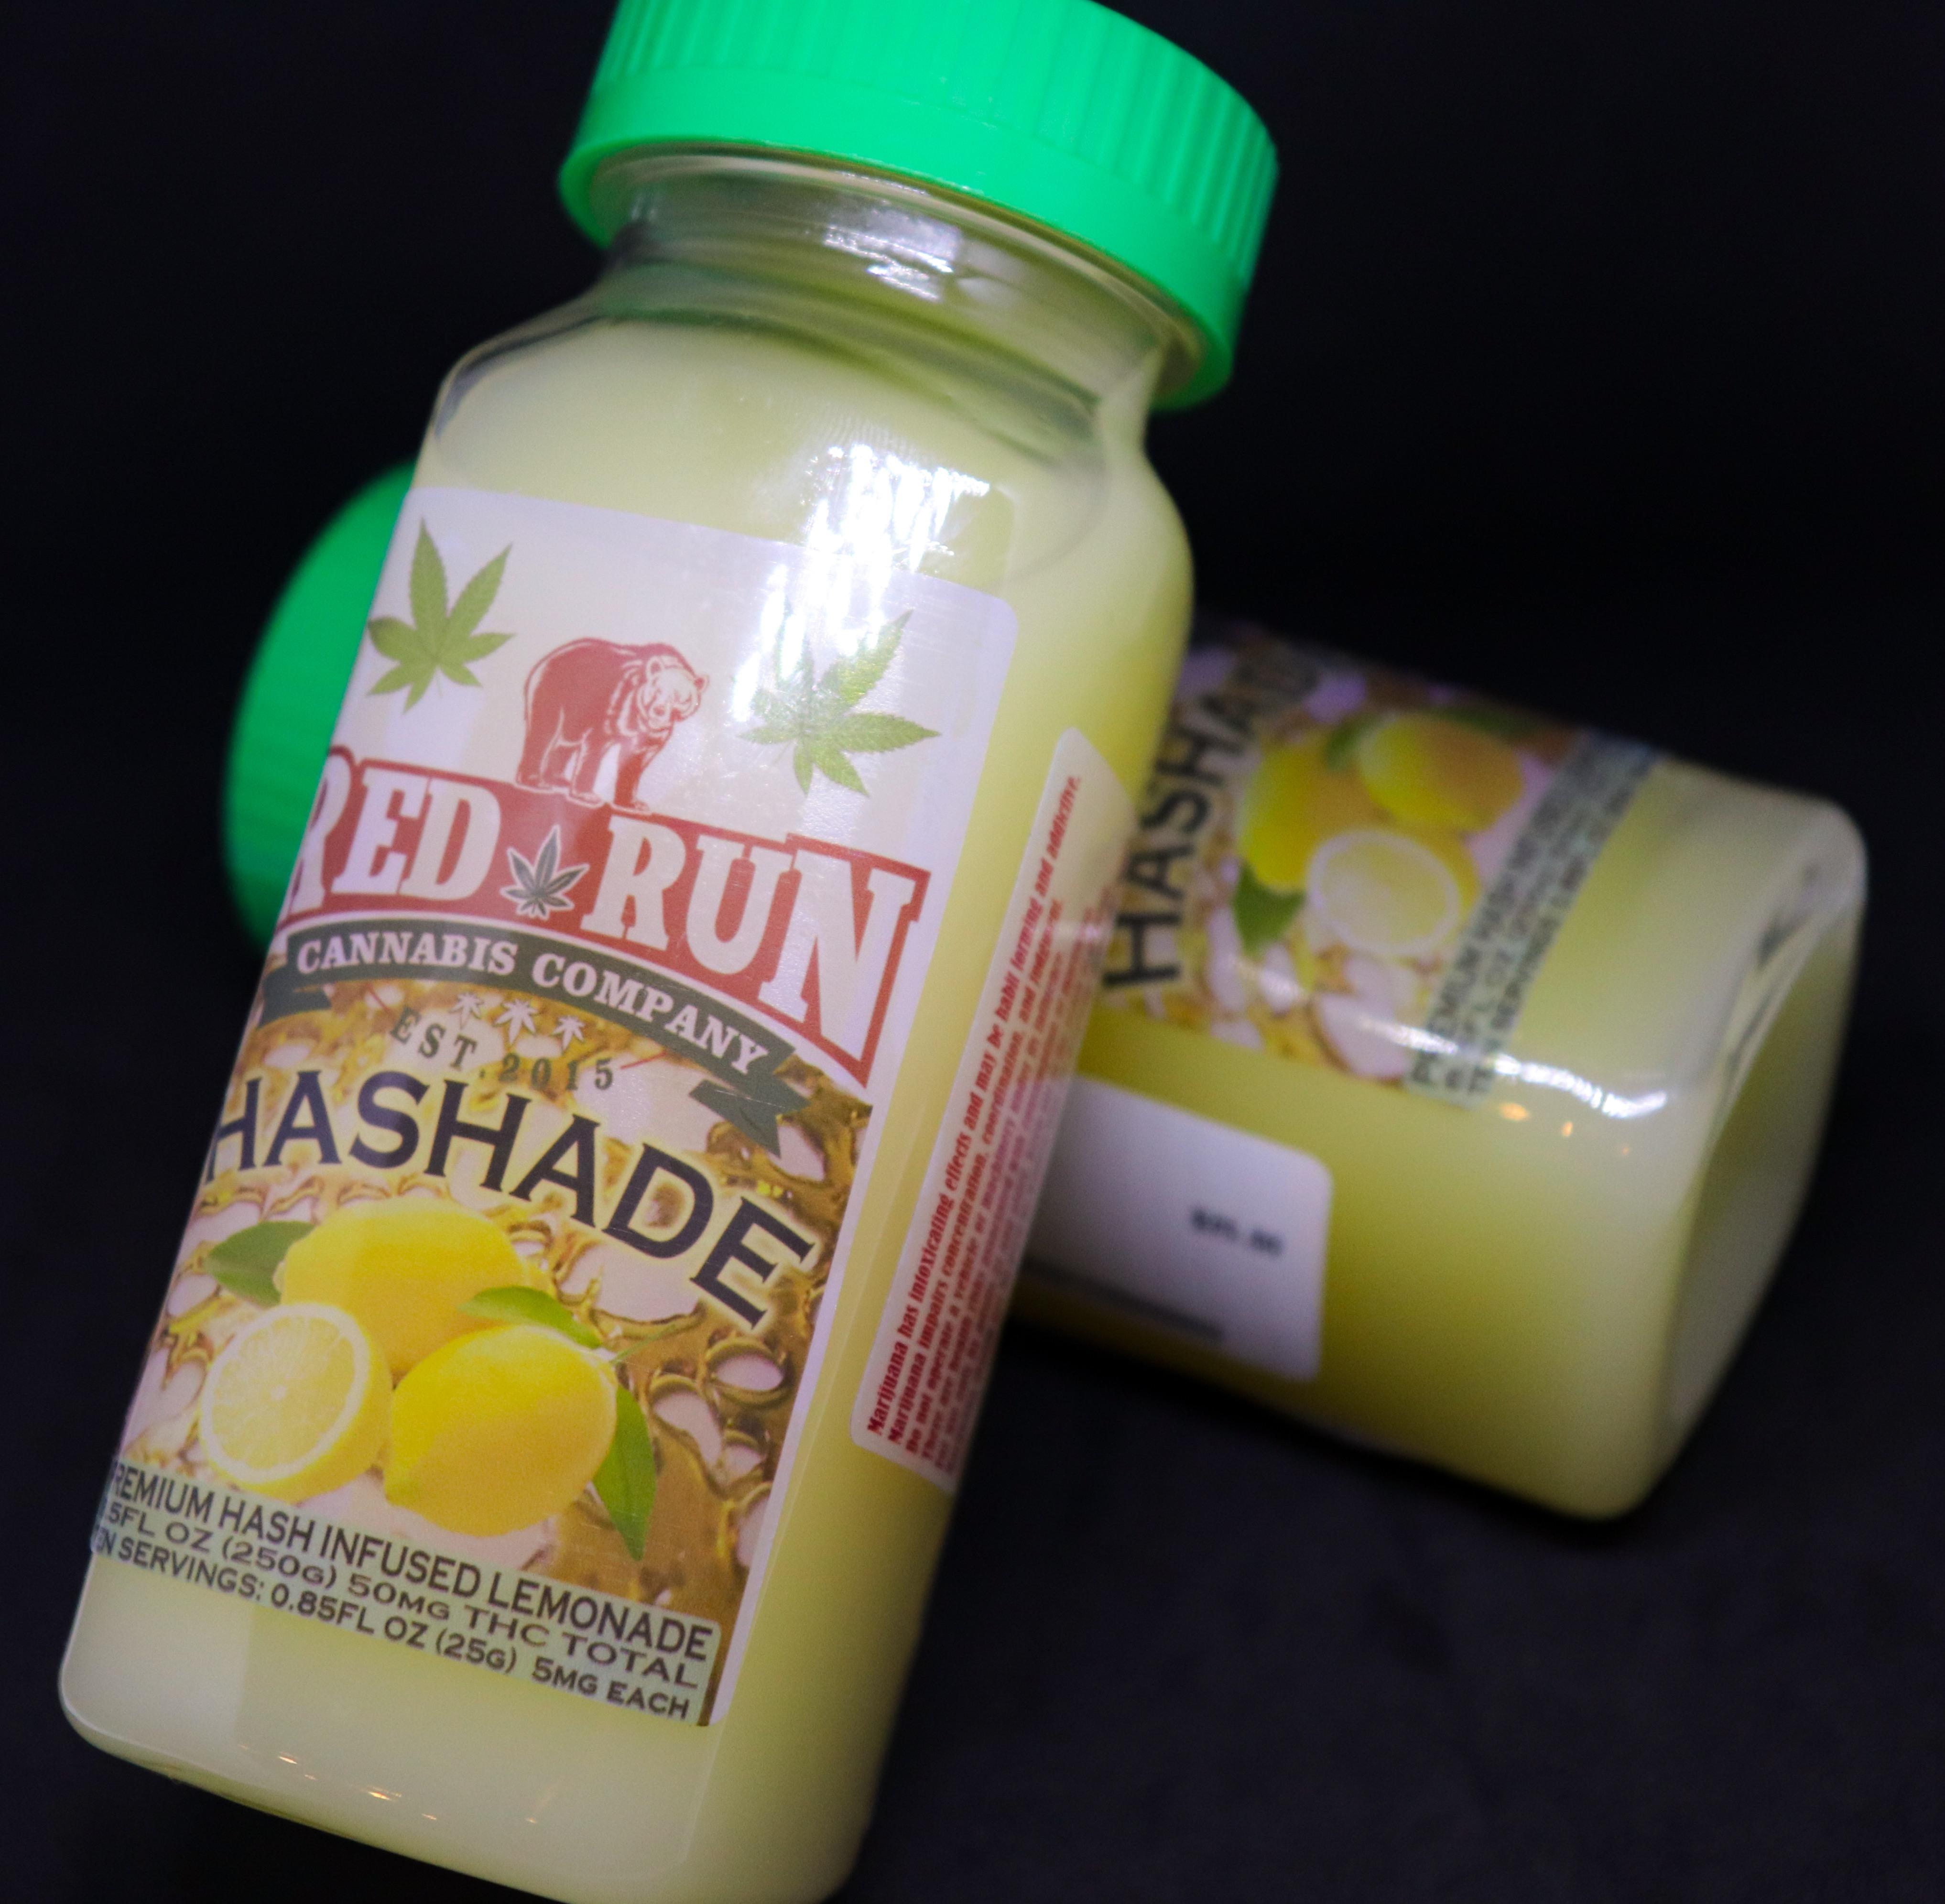 Hashade by Red Run